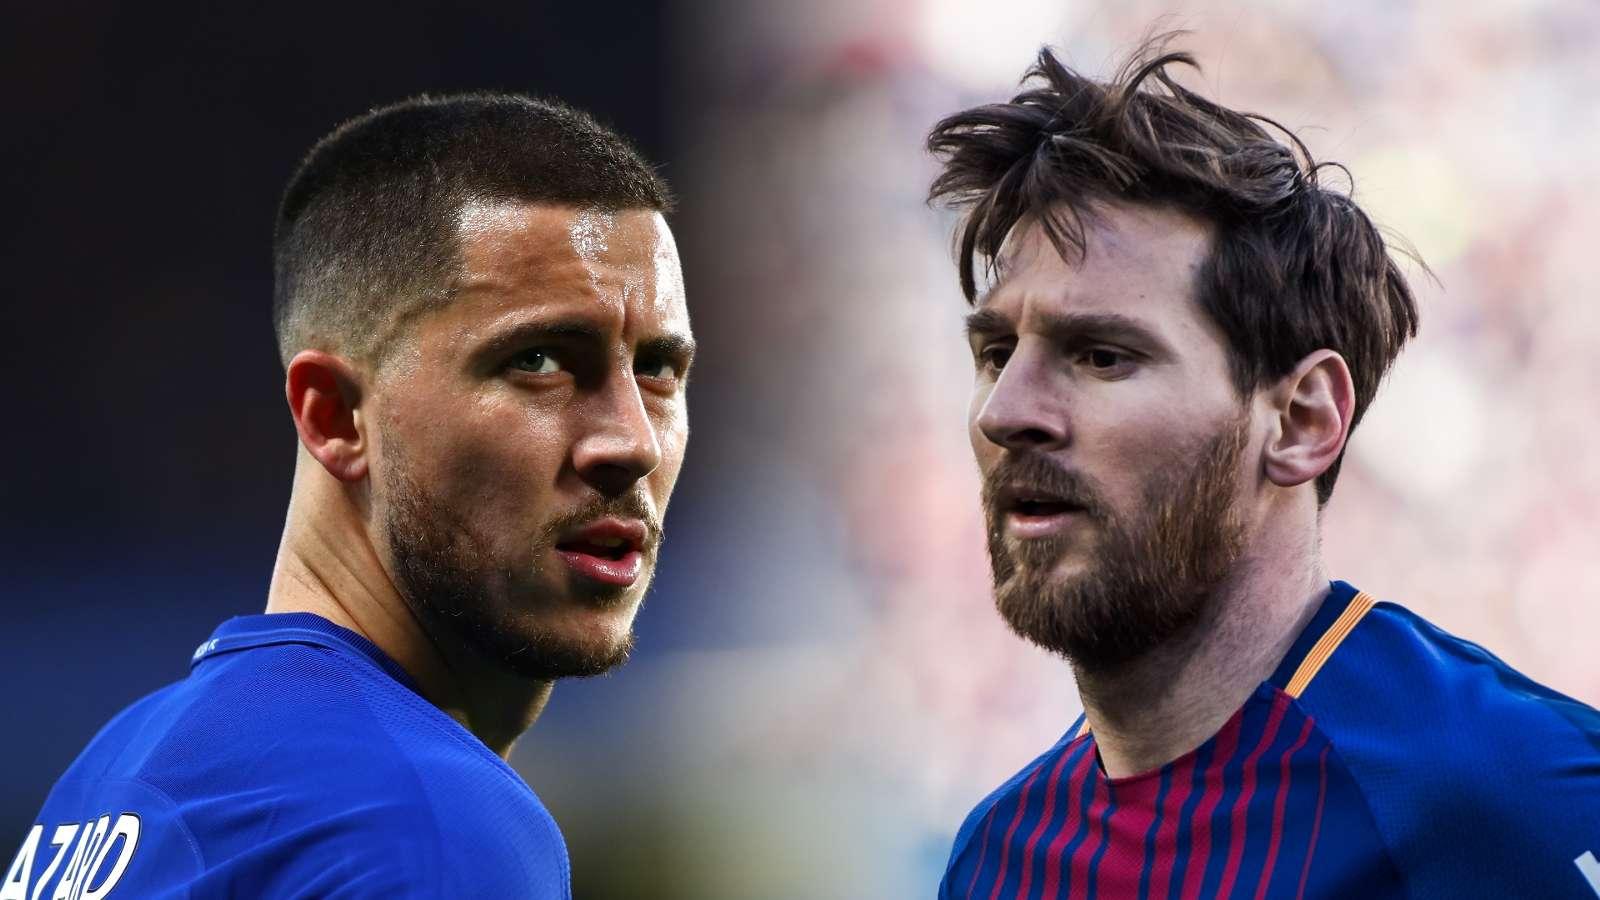 Eto'o says Hazard is close to Messi's level